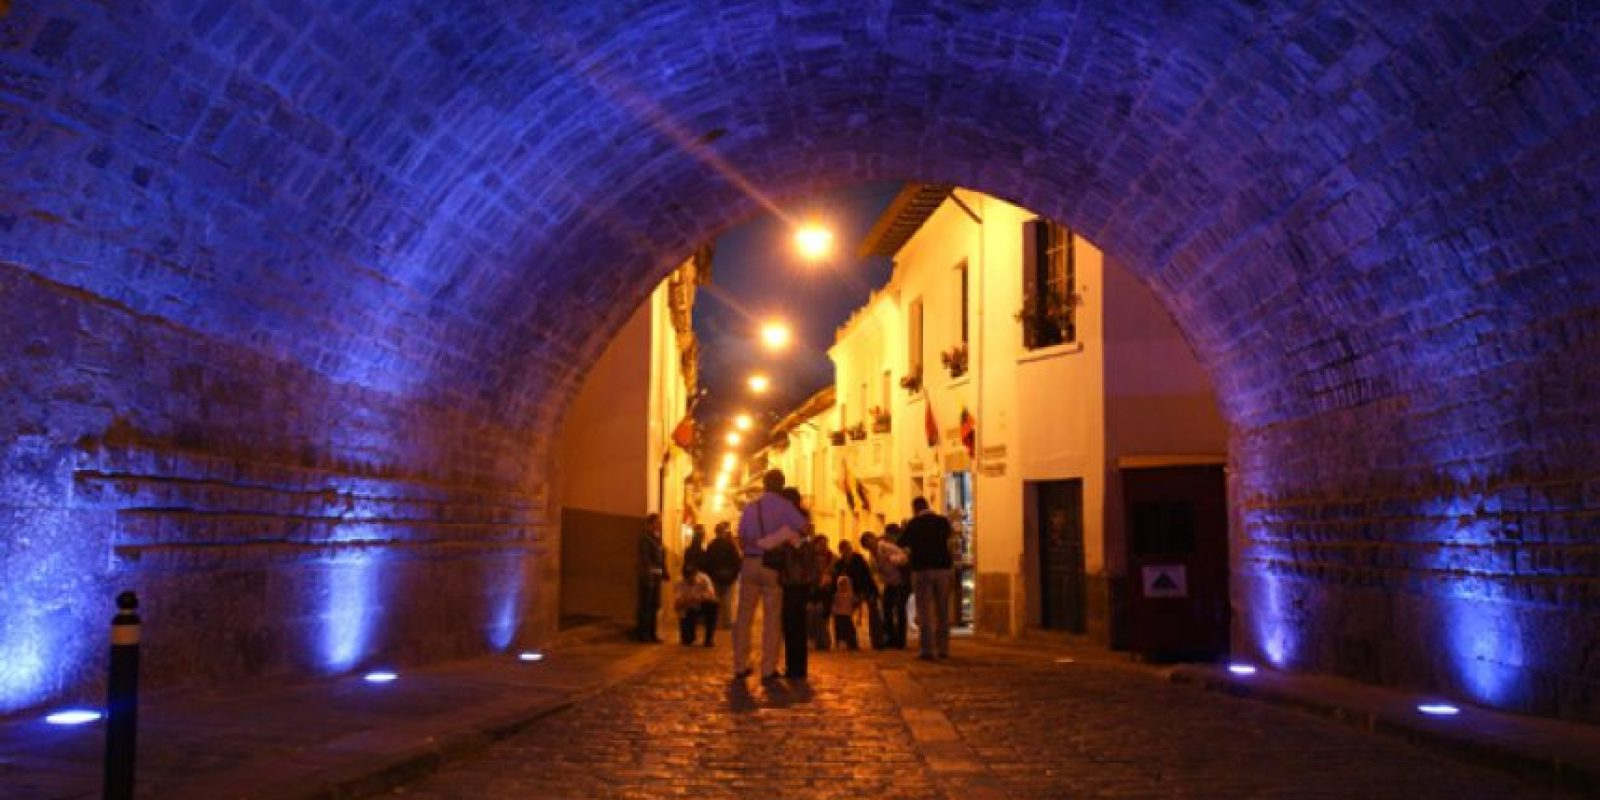 La calle la Ronda ubicada cerca del centro de la ciudad muestra su encanto junto a sus casas coloniales. Foto:Vía Flickr